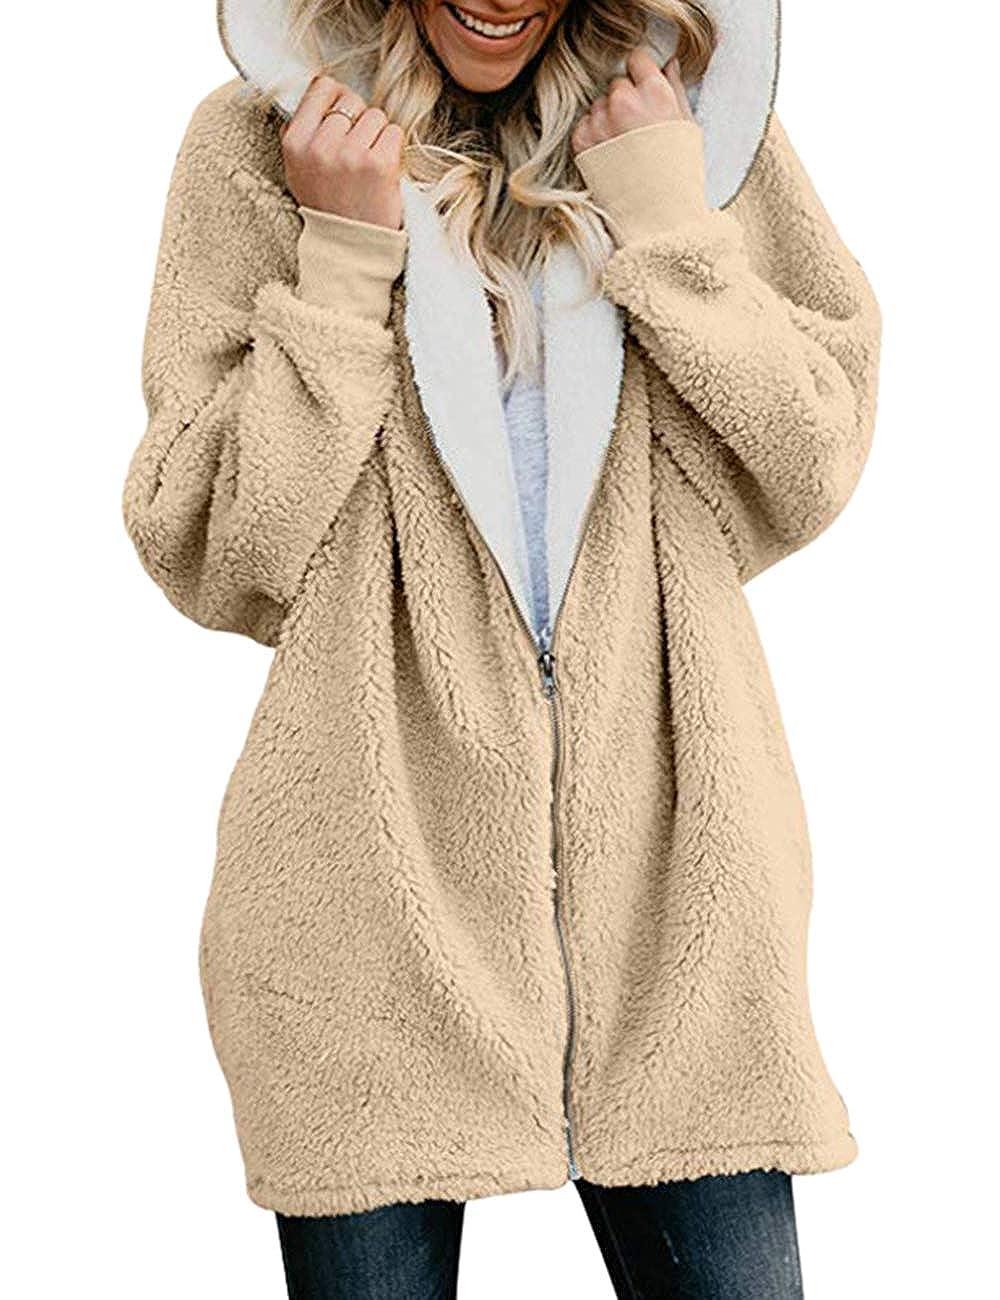 SEBOWEL Women Fuzzy Fleece Jacket Hooded Cardigan Open Front Coat Outwear Pocket